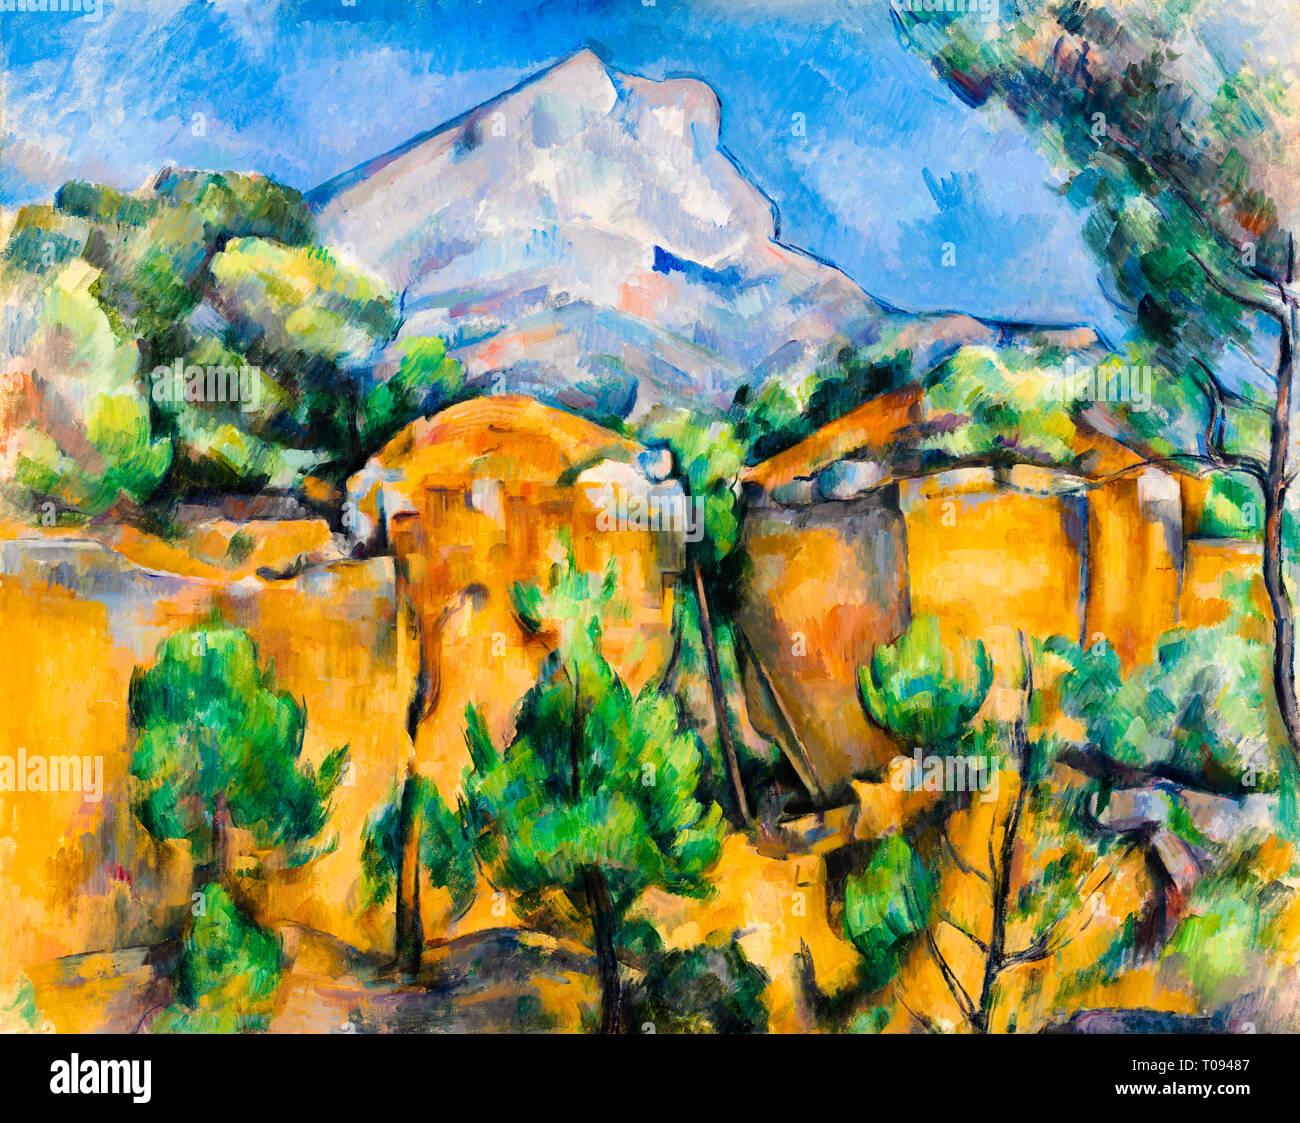 Paul Cézanne, Mont Sainte-Victoire Seen from the Bibémus Quarry, c. 1897 - Stock Image